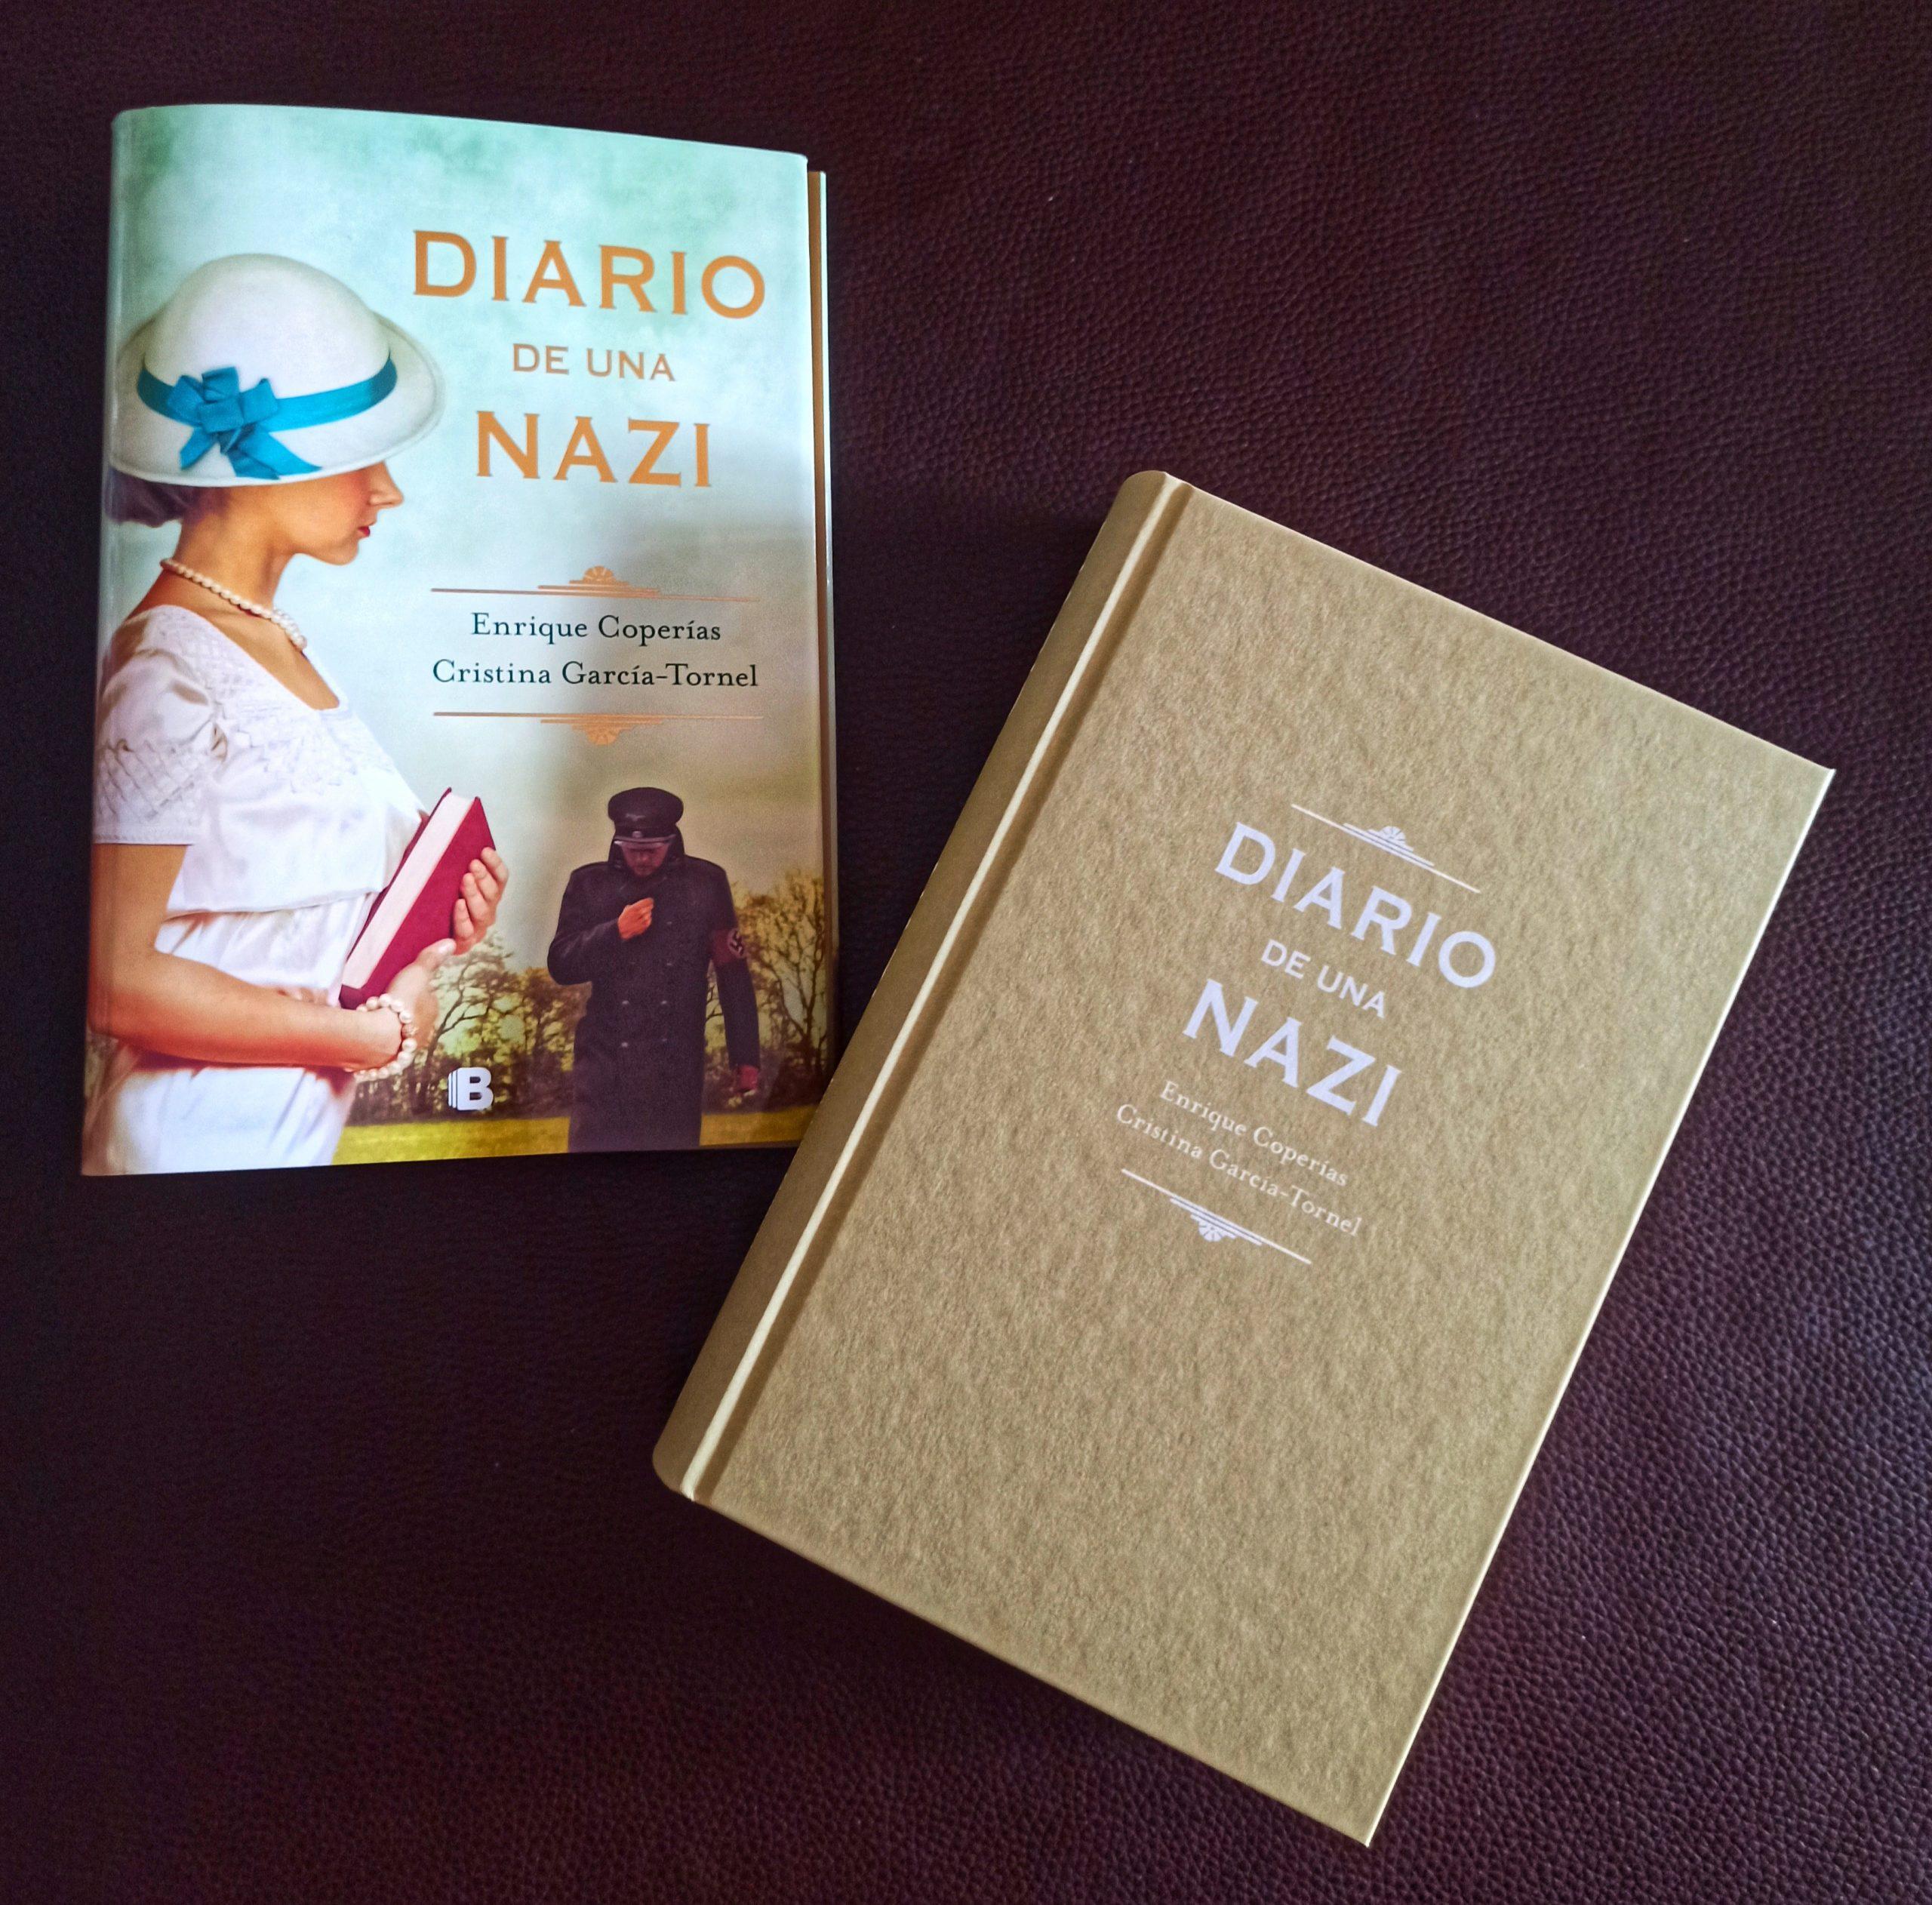 DIARIO DE UNA NAZI, de Enrique Coperías y Cristina García-Tornel.